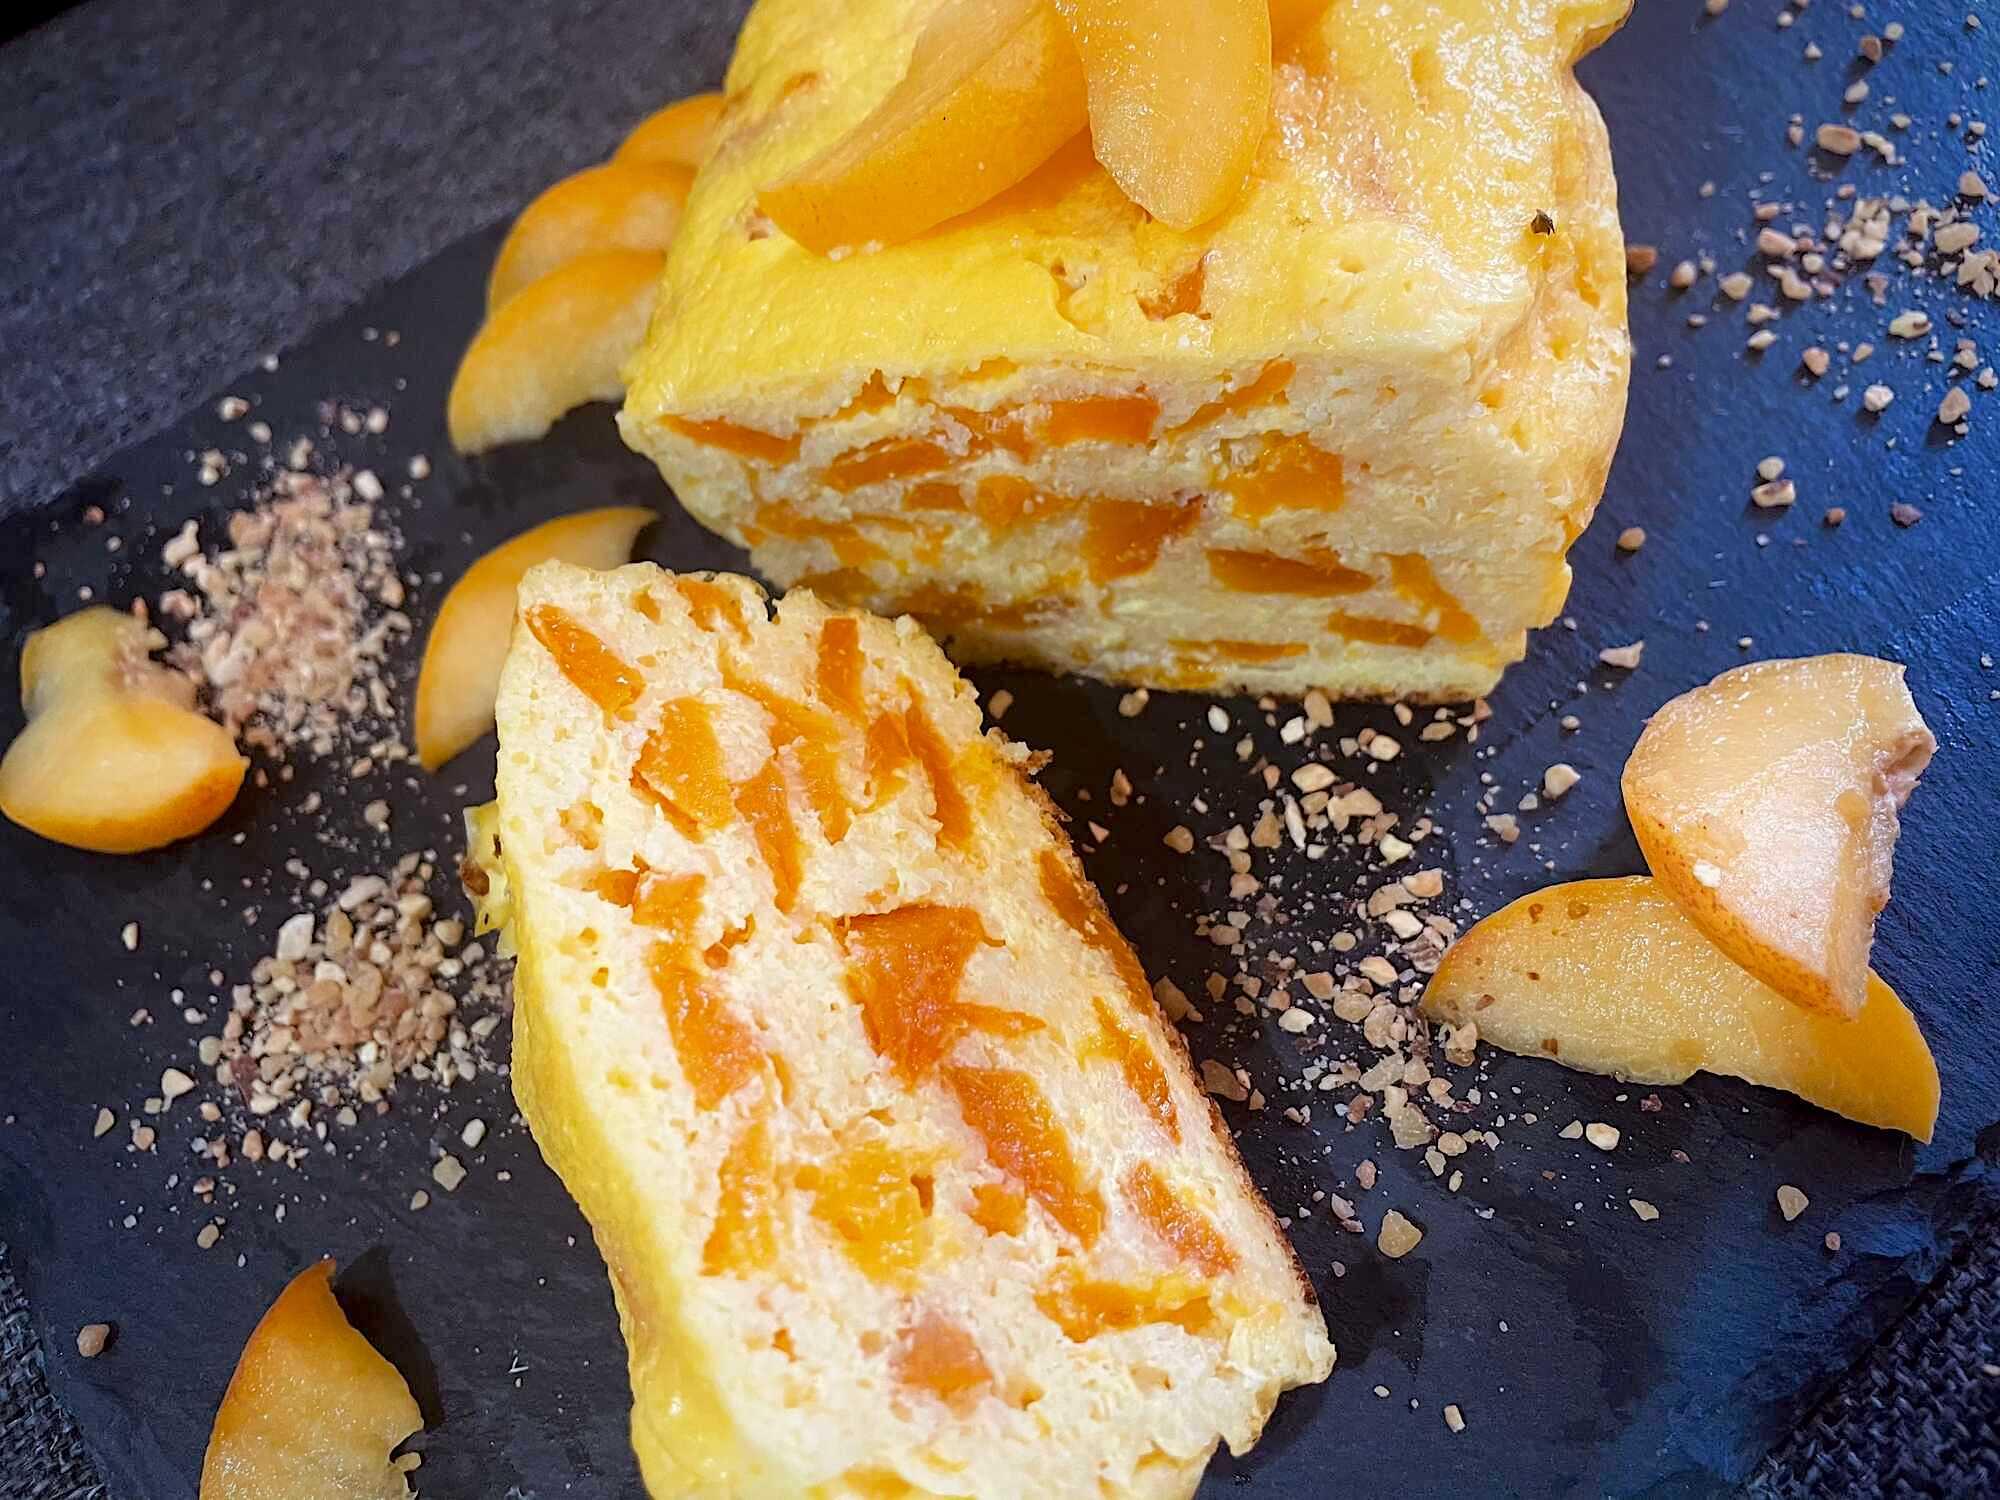 Deux belles parts du gâteau de semoule et abricots sont présentes sur un plat de couleur noir, elles montrent tout le moelleux de la recette.